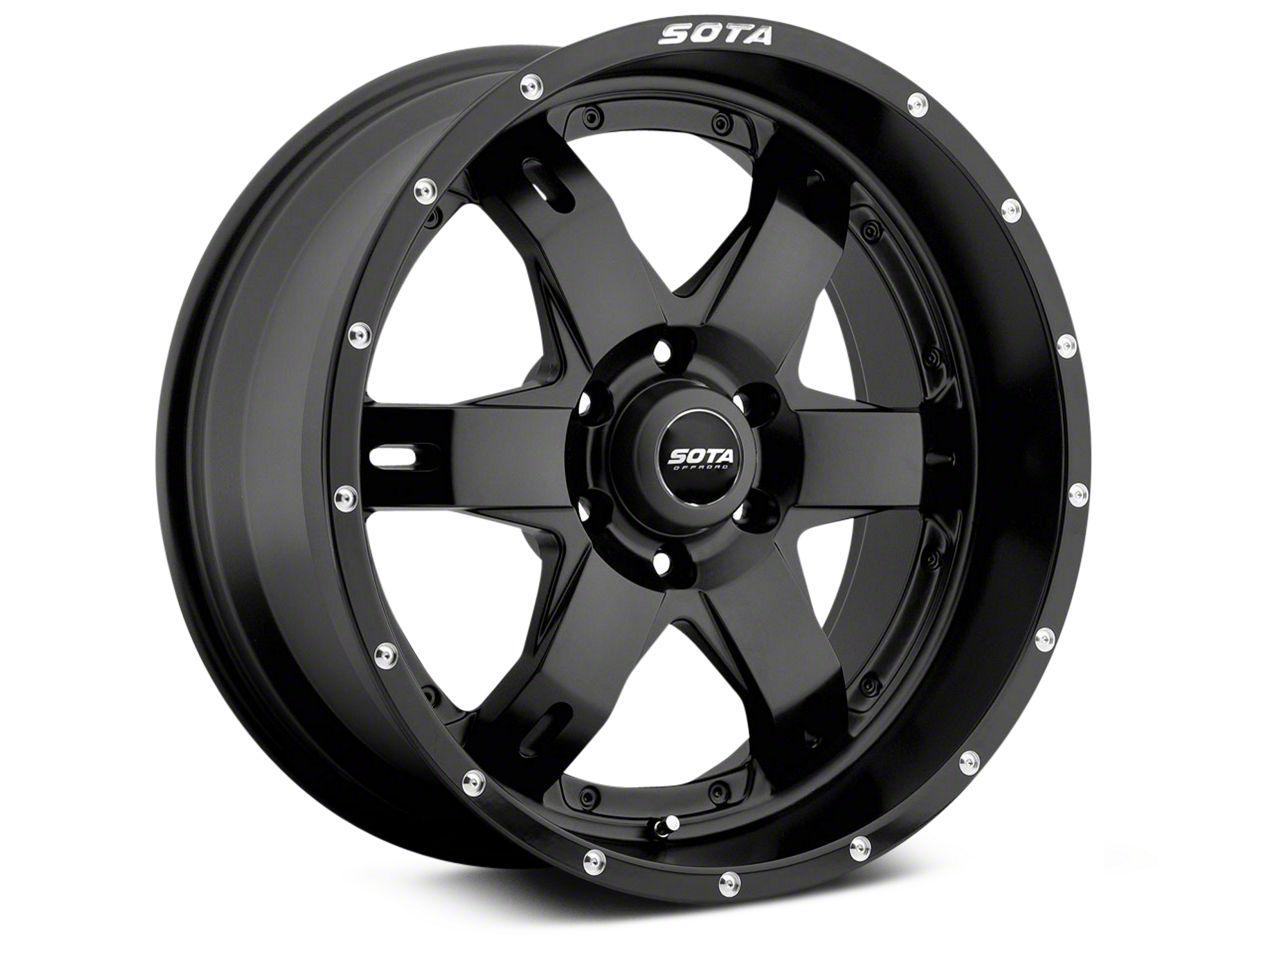 SOTA Off Road R.E.P.R. Stealth Black 6-Lug Wheel - 20x9 (99-19 Silverado 1500)